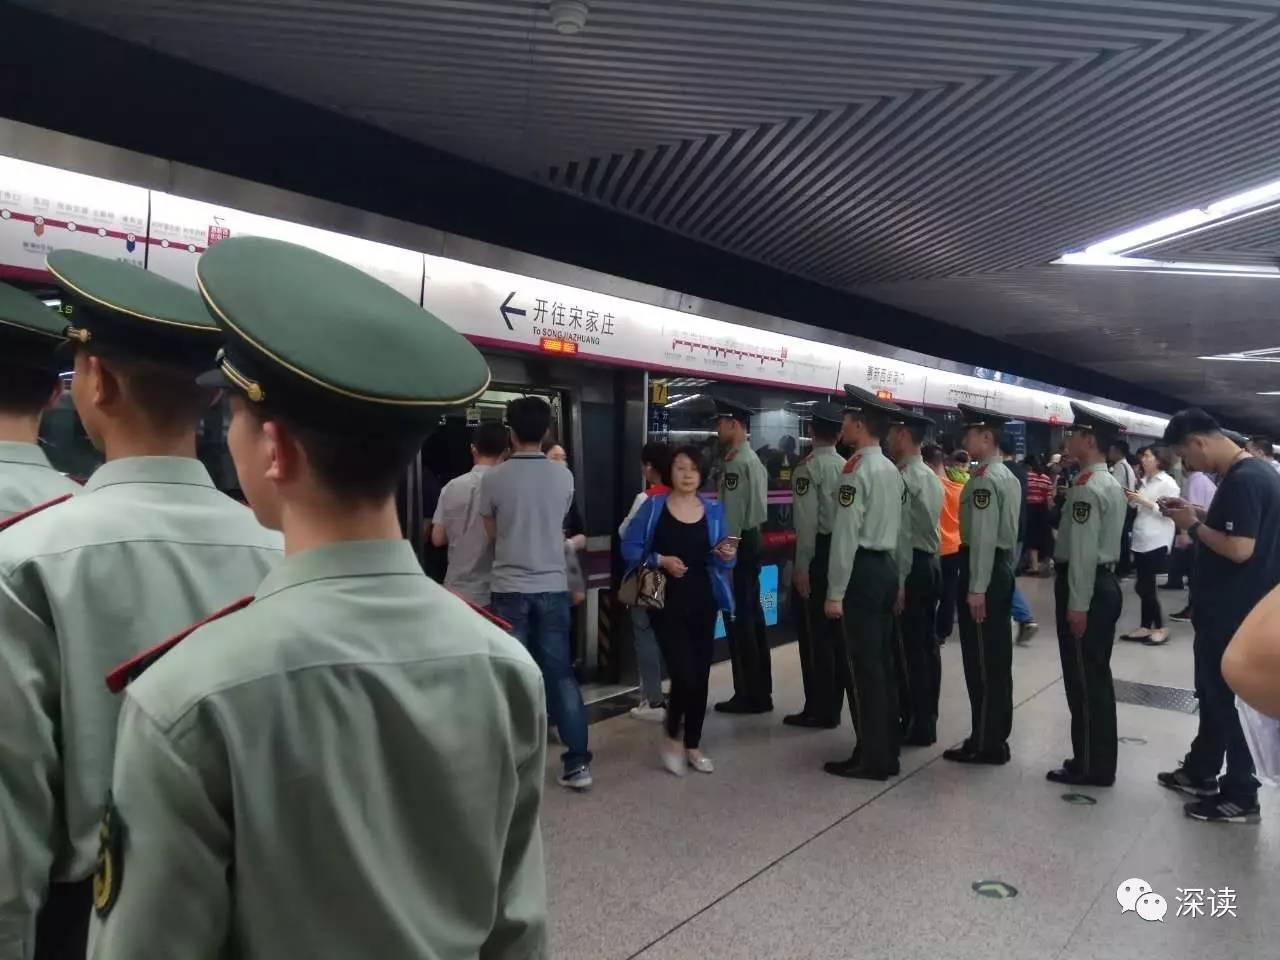 图为记者实地探访,在惠新西街南口站武警战士确如照片中一样列队候车 摄/记者 任小佳